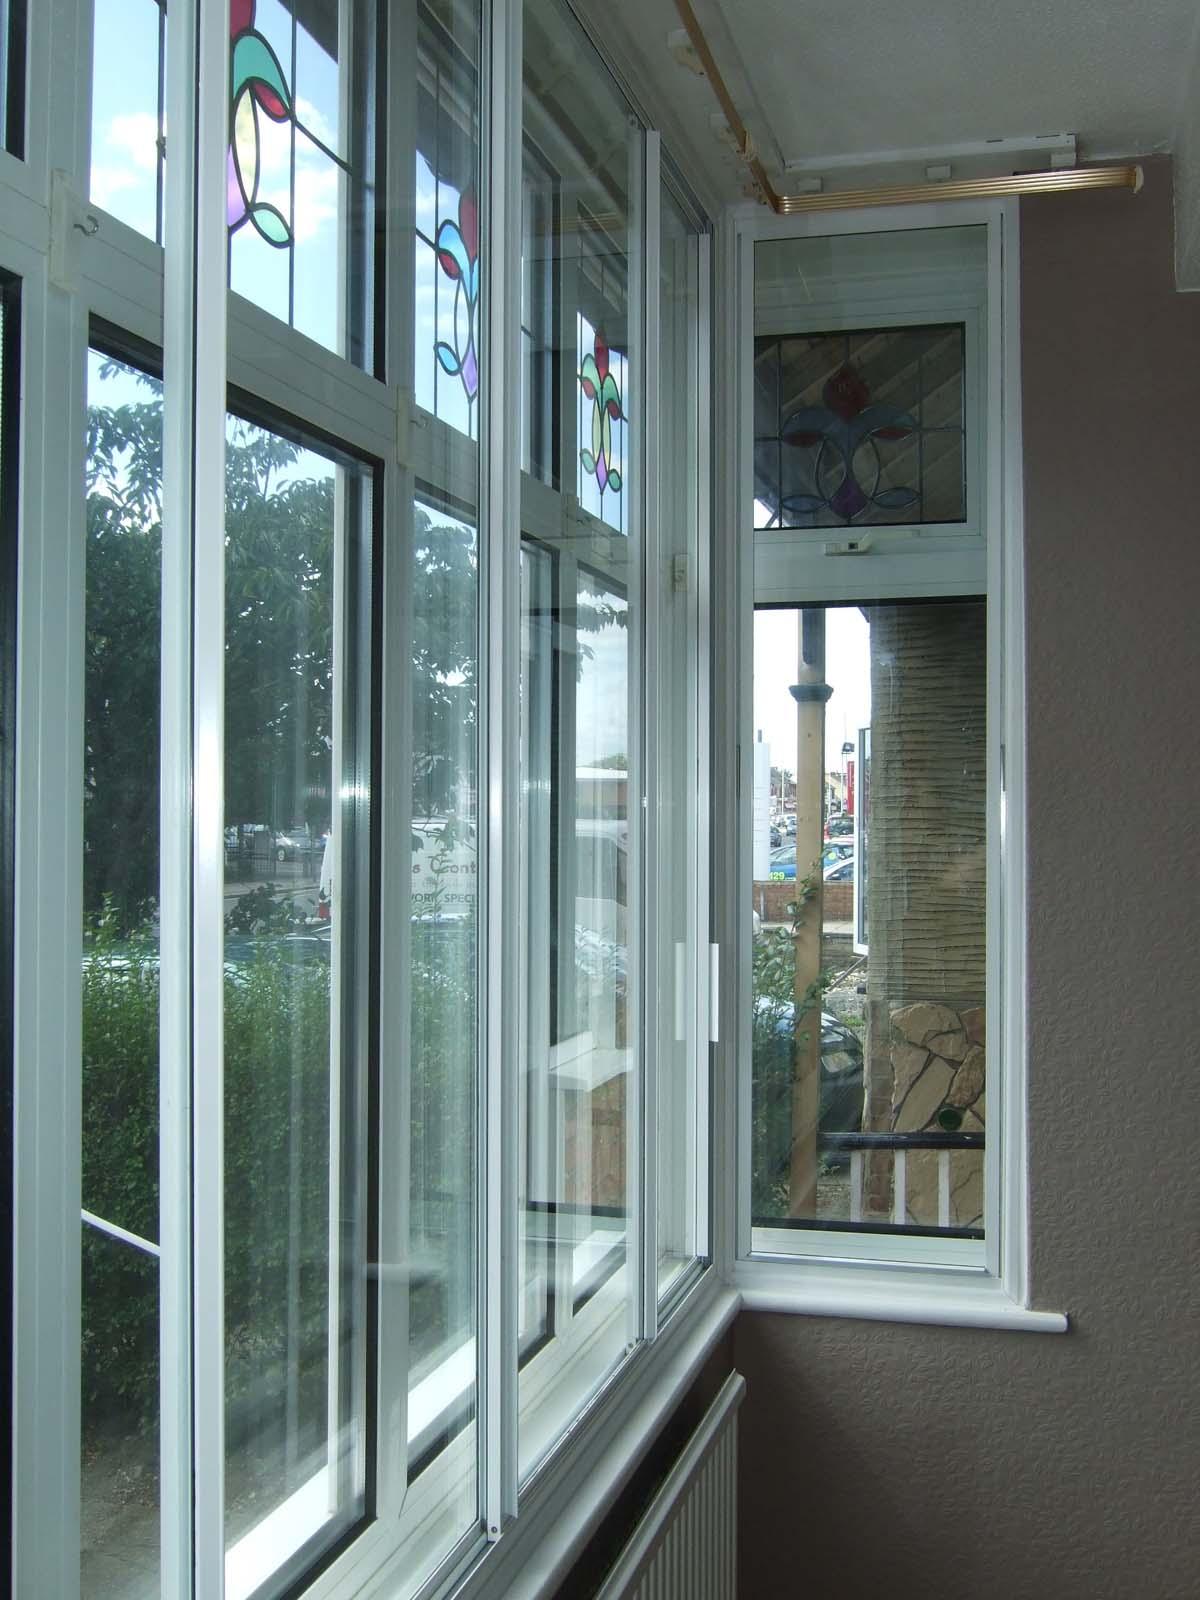 Secondary Glazing Windows Double Glazing Windows